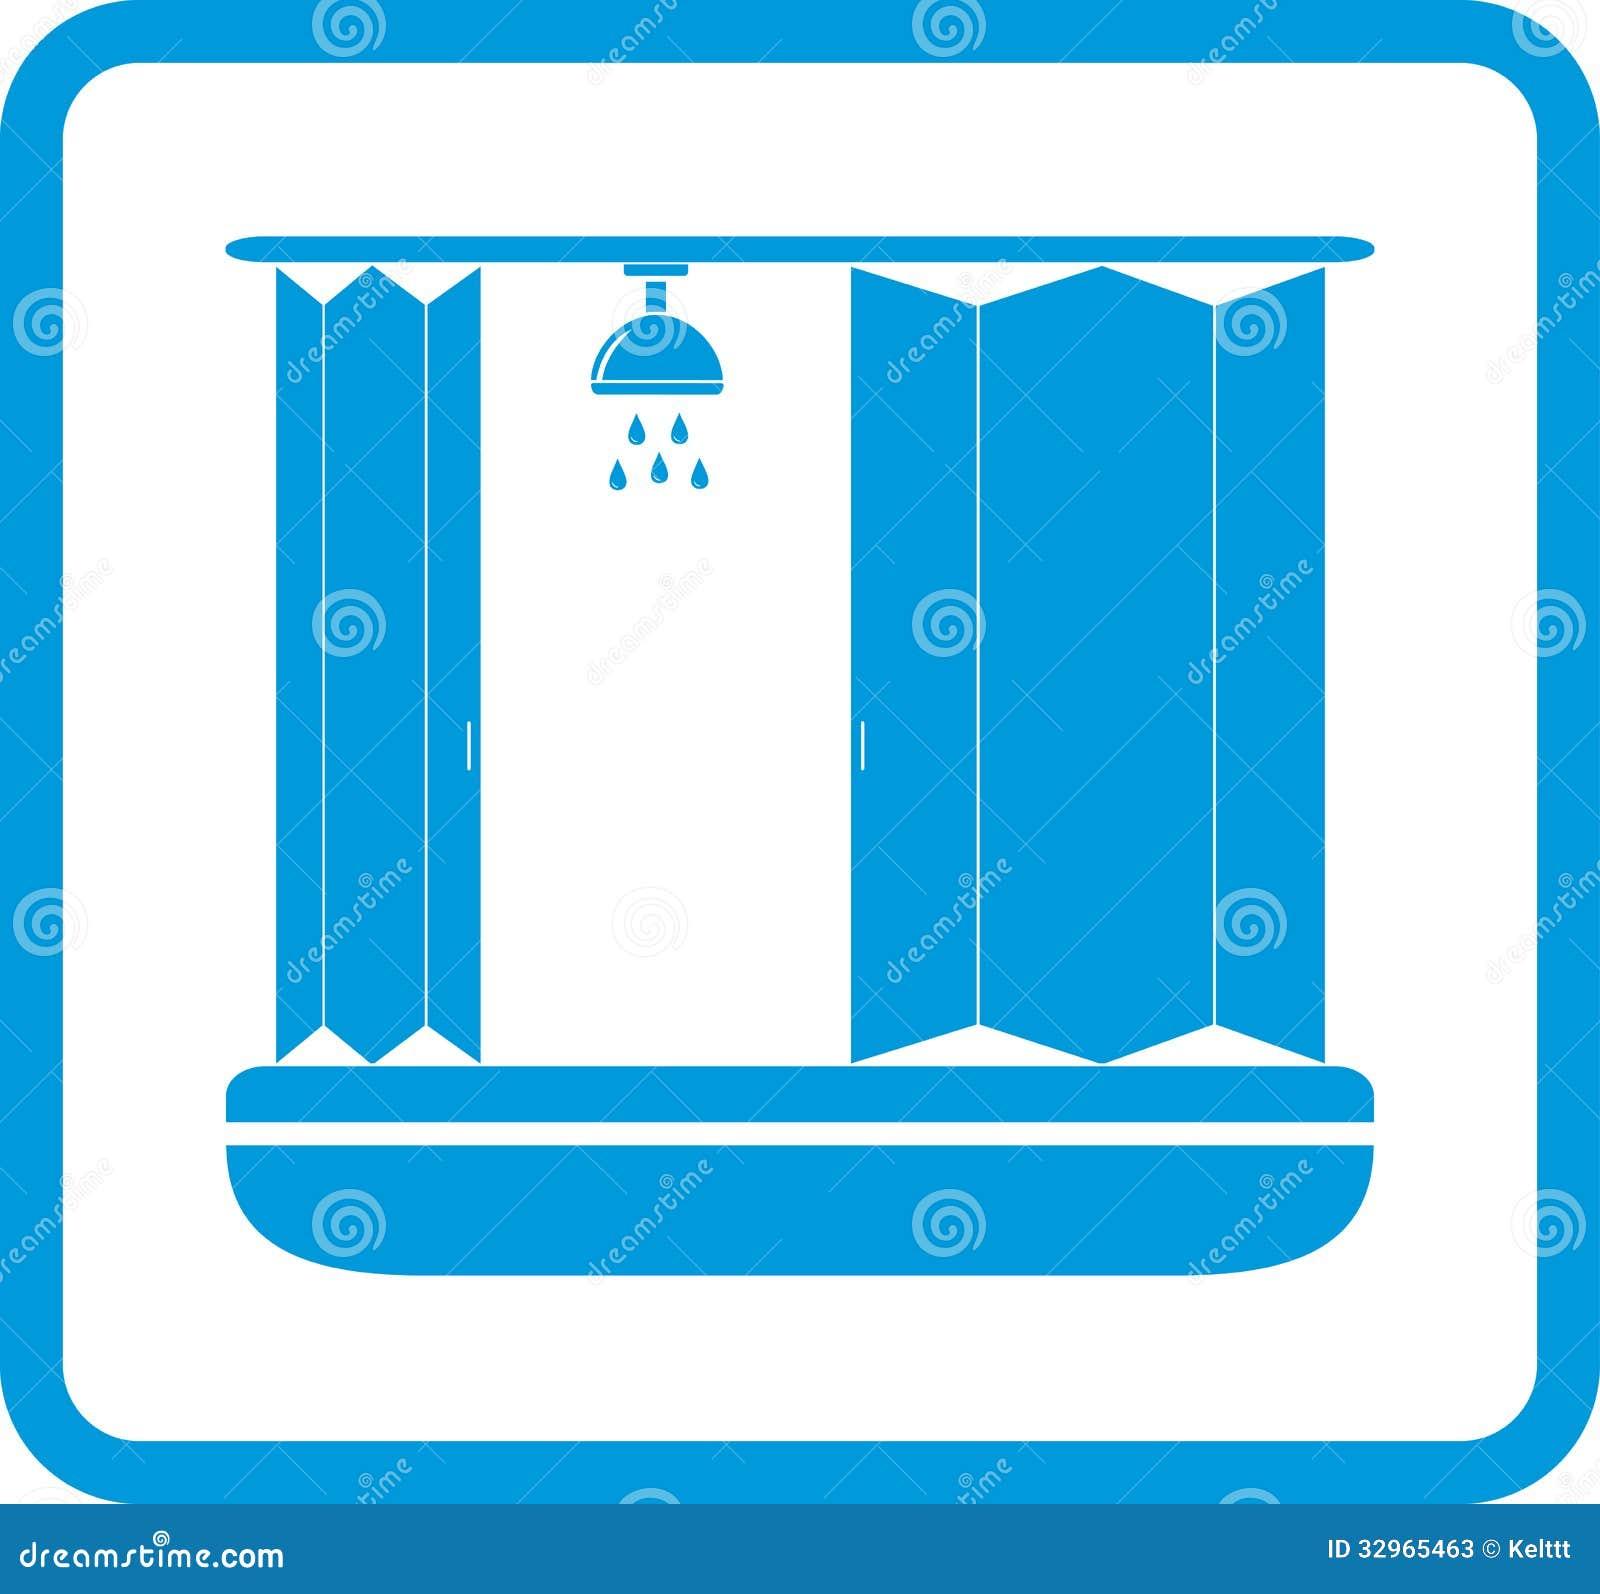 Ícone Do Banheiro Com Casa De Banho Com Chuveiro Fotos de Stock  #028CC9 1300x1312 Banheiro Azul Banda